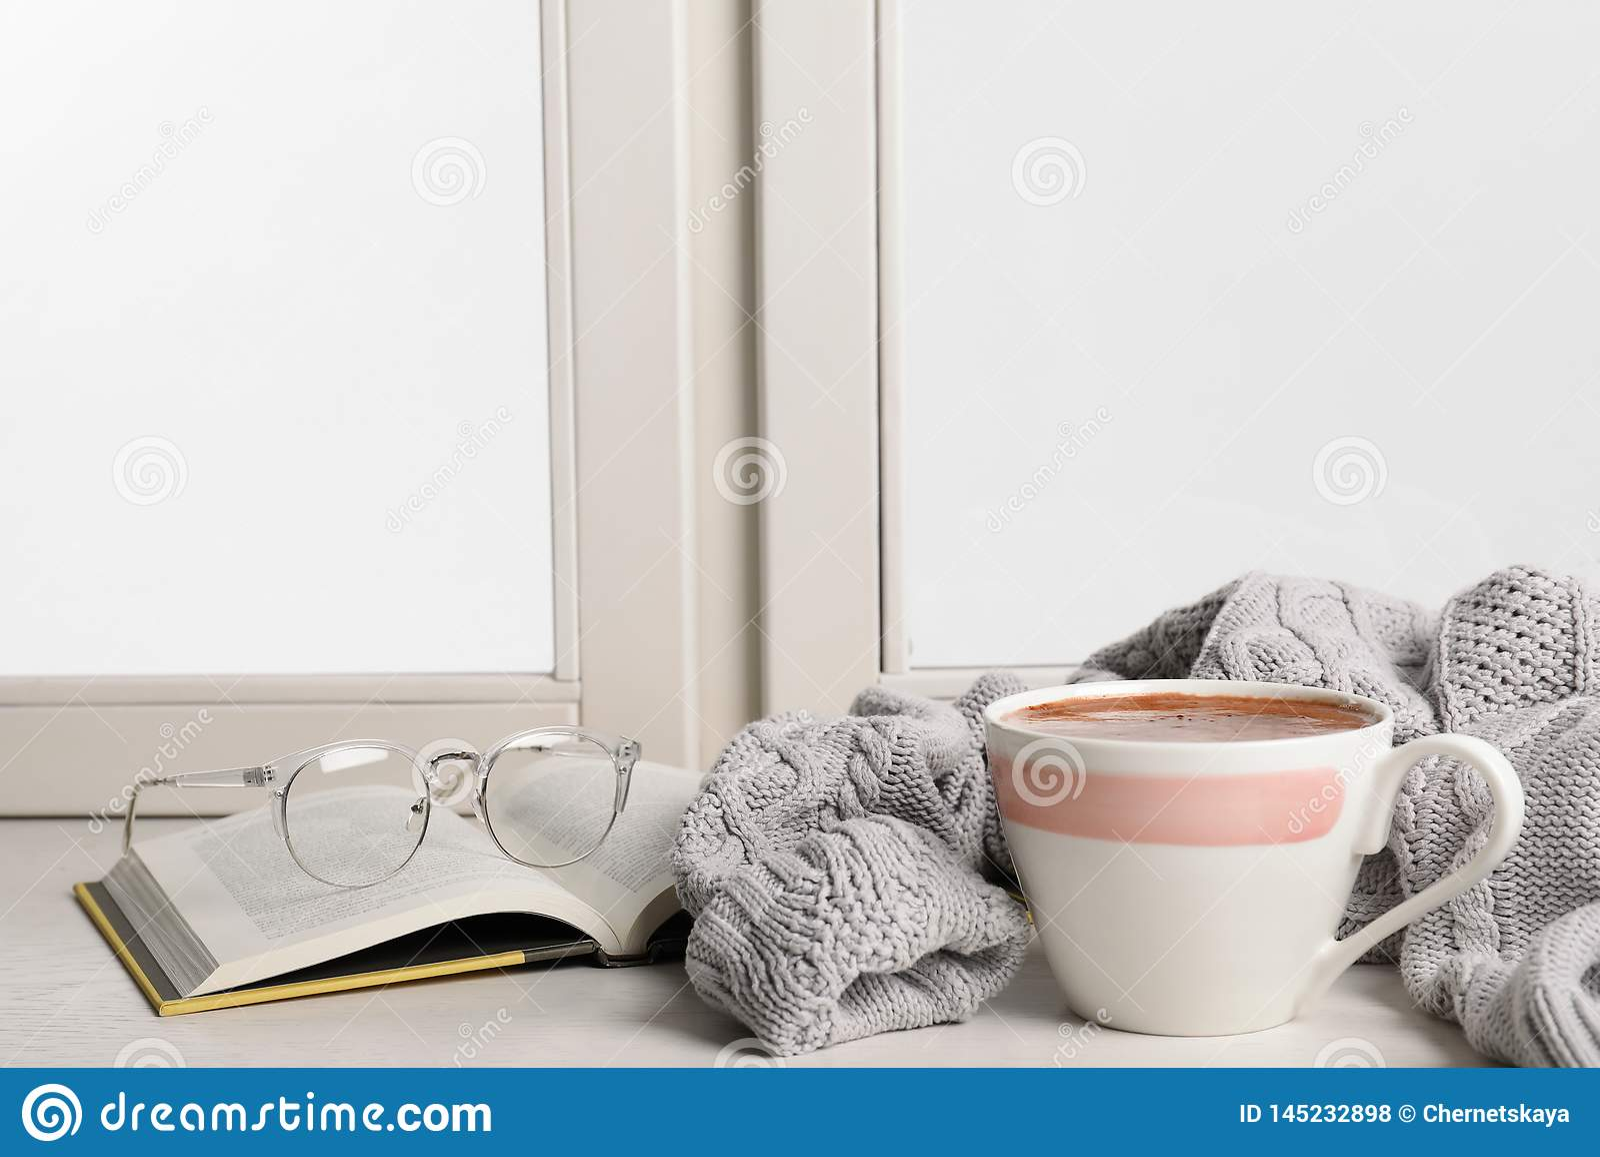 与杯子的构成巧克力热饮和书在窗台,空间文本的